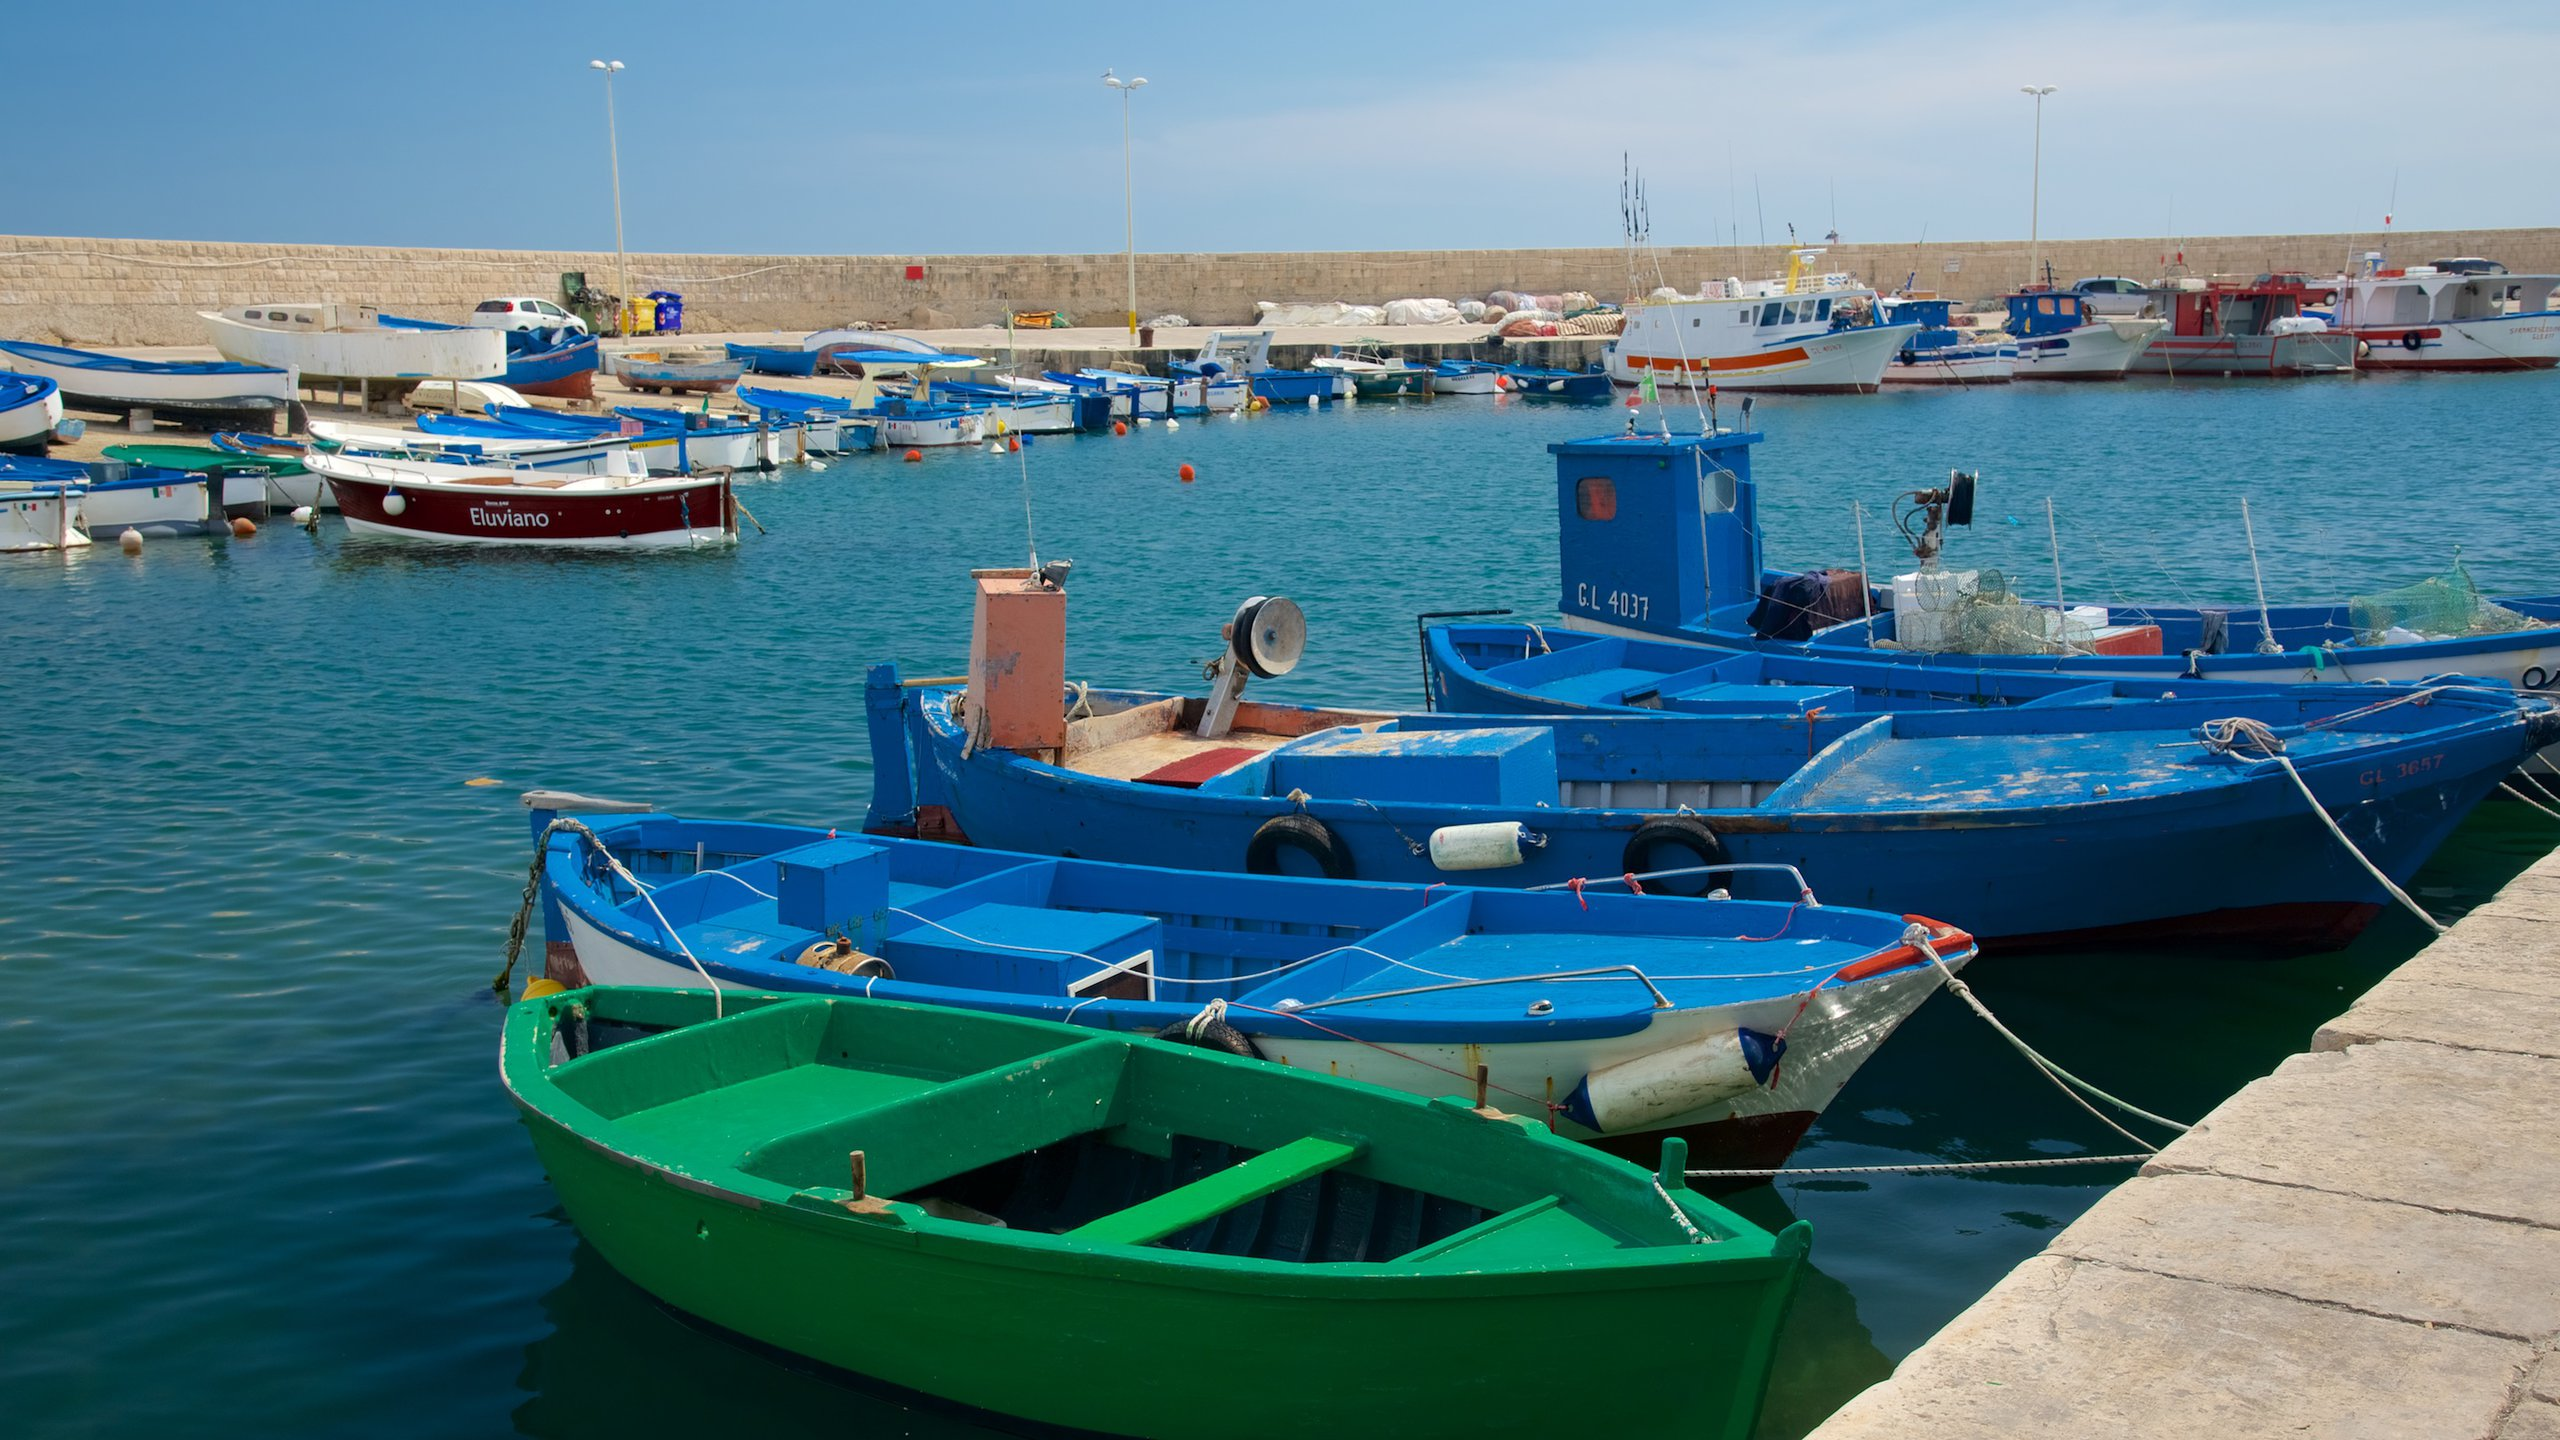 Hafen von Gallipoli, Gallipoli, Apulien, Italien